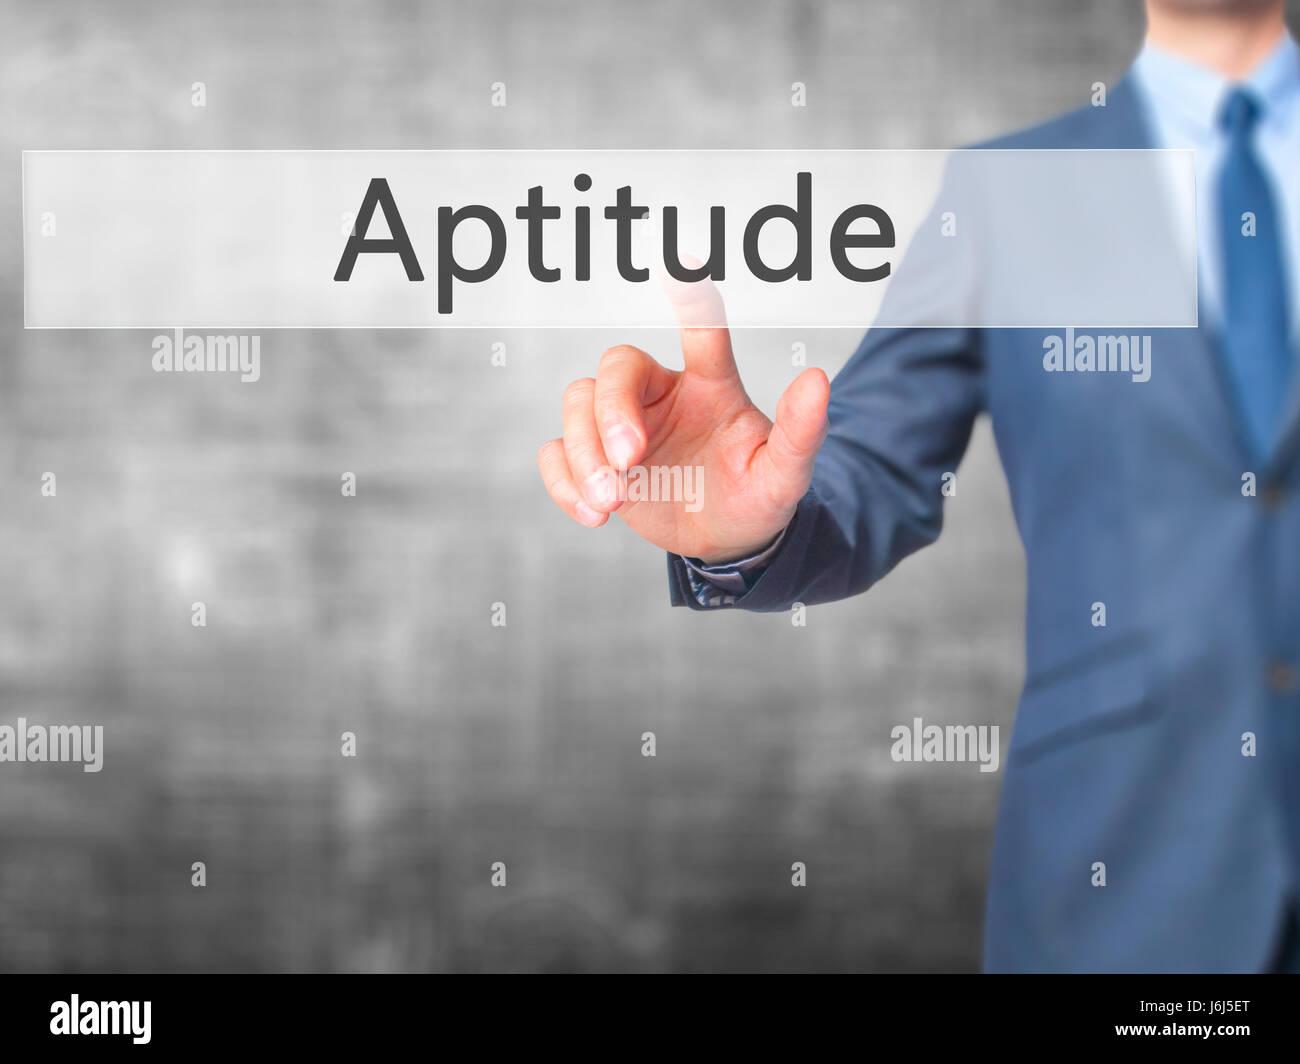 Homme d'aptitude - appuyez sur sur écran numérique. Business, internet concept. Stock Photo Photo Stock